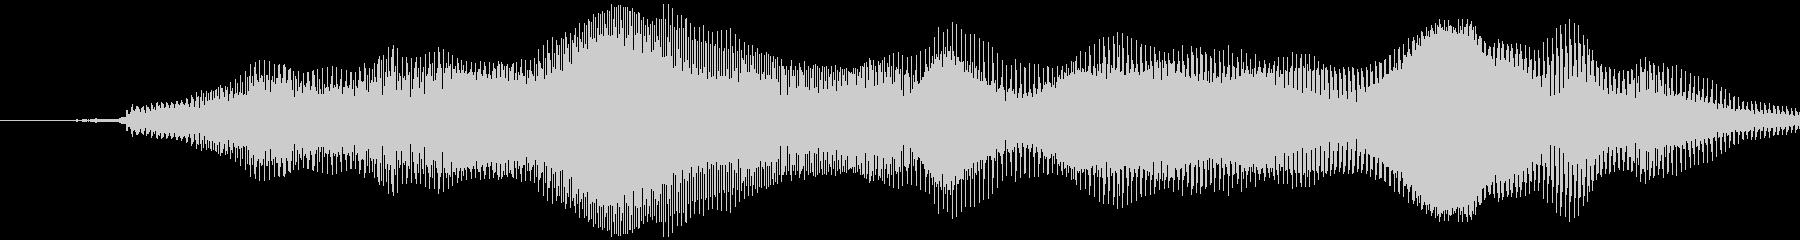 グラビティチューブ(平坦、長め)ミョーンの未再生の波形